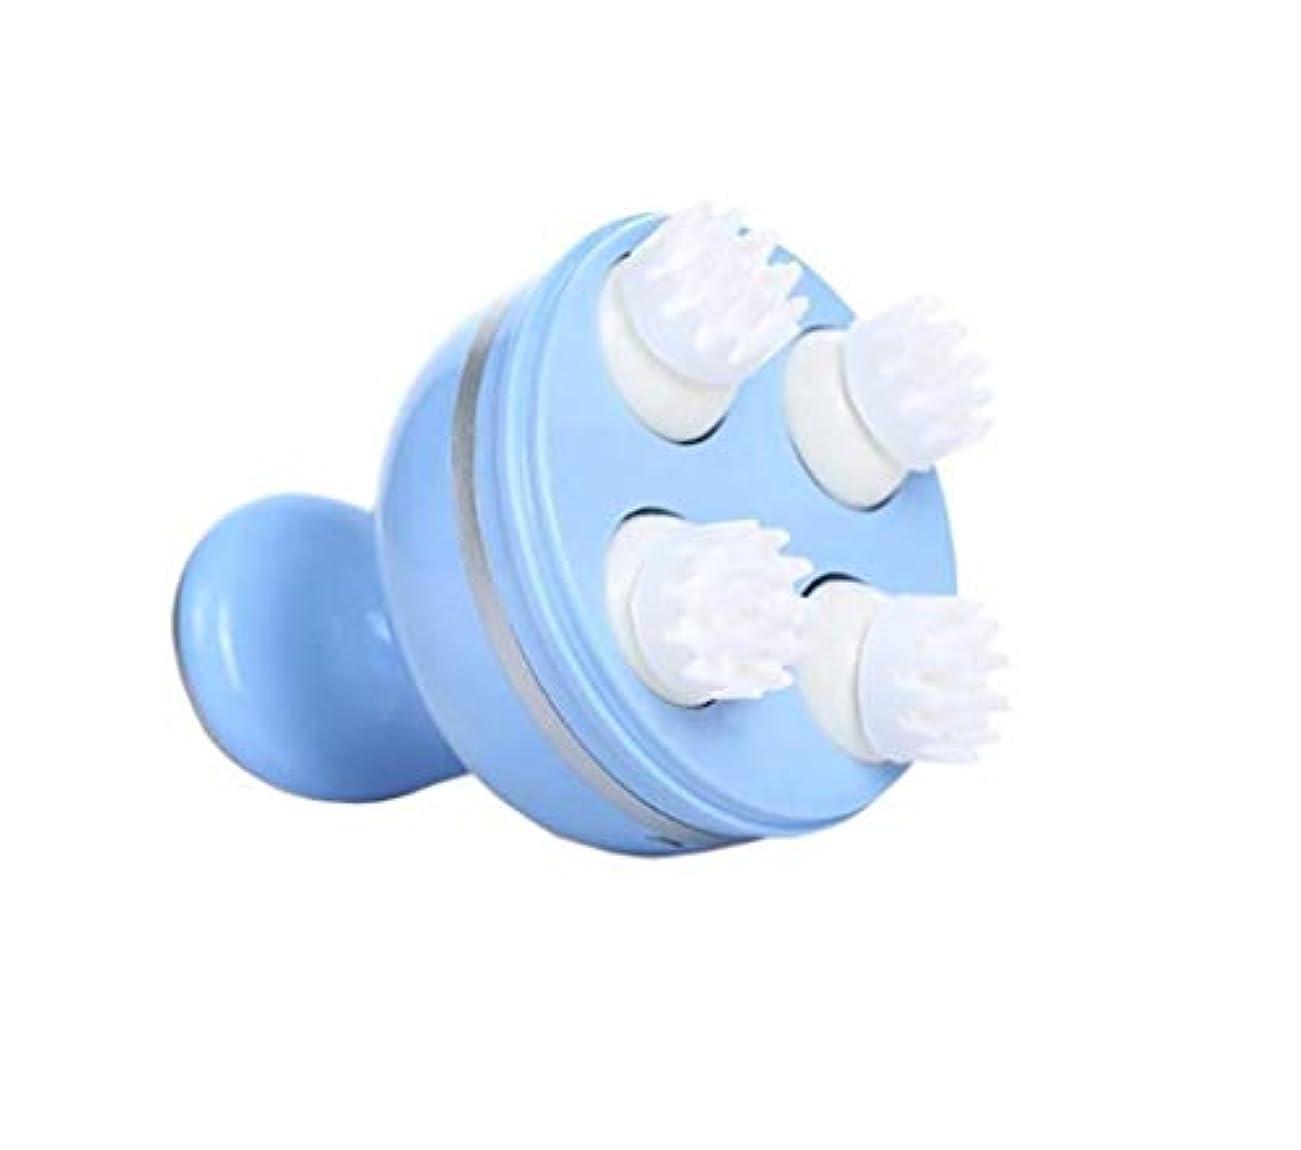 きらきら蓄積するオプションマッサージャー、電動ハンドヘルドヘッドマッサージャー、取り外し可能な多機能サイレントマッサージ、USB充電、持ち運びが簡単 (Color : 青)